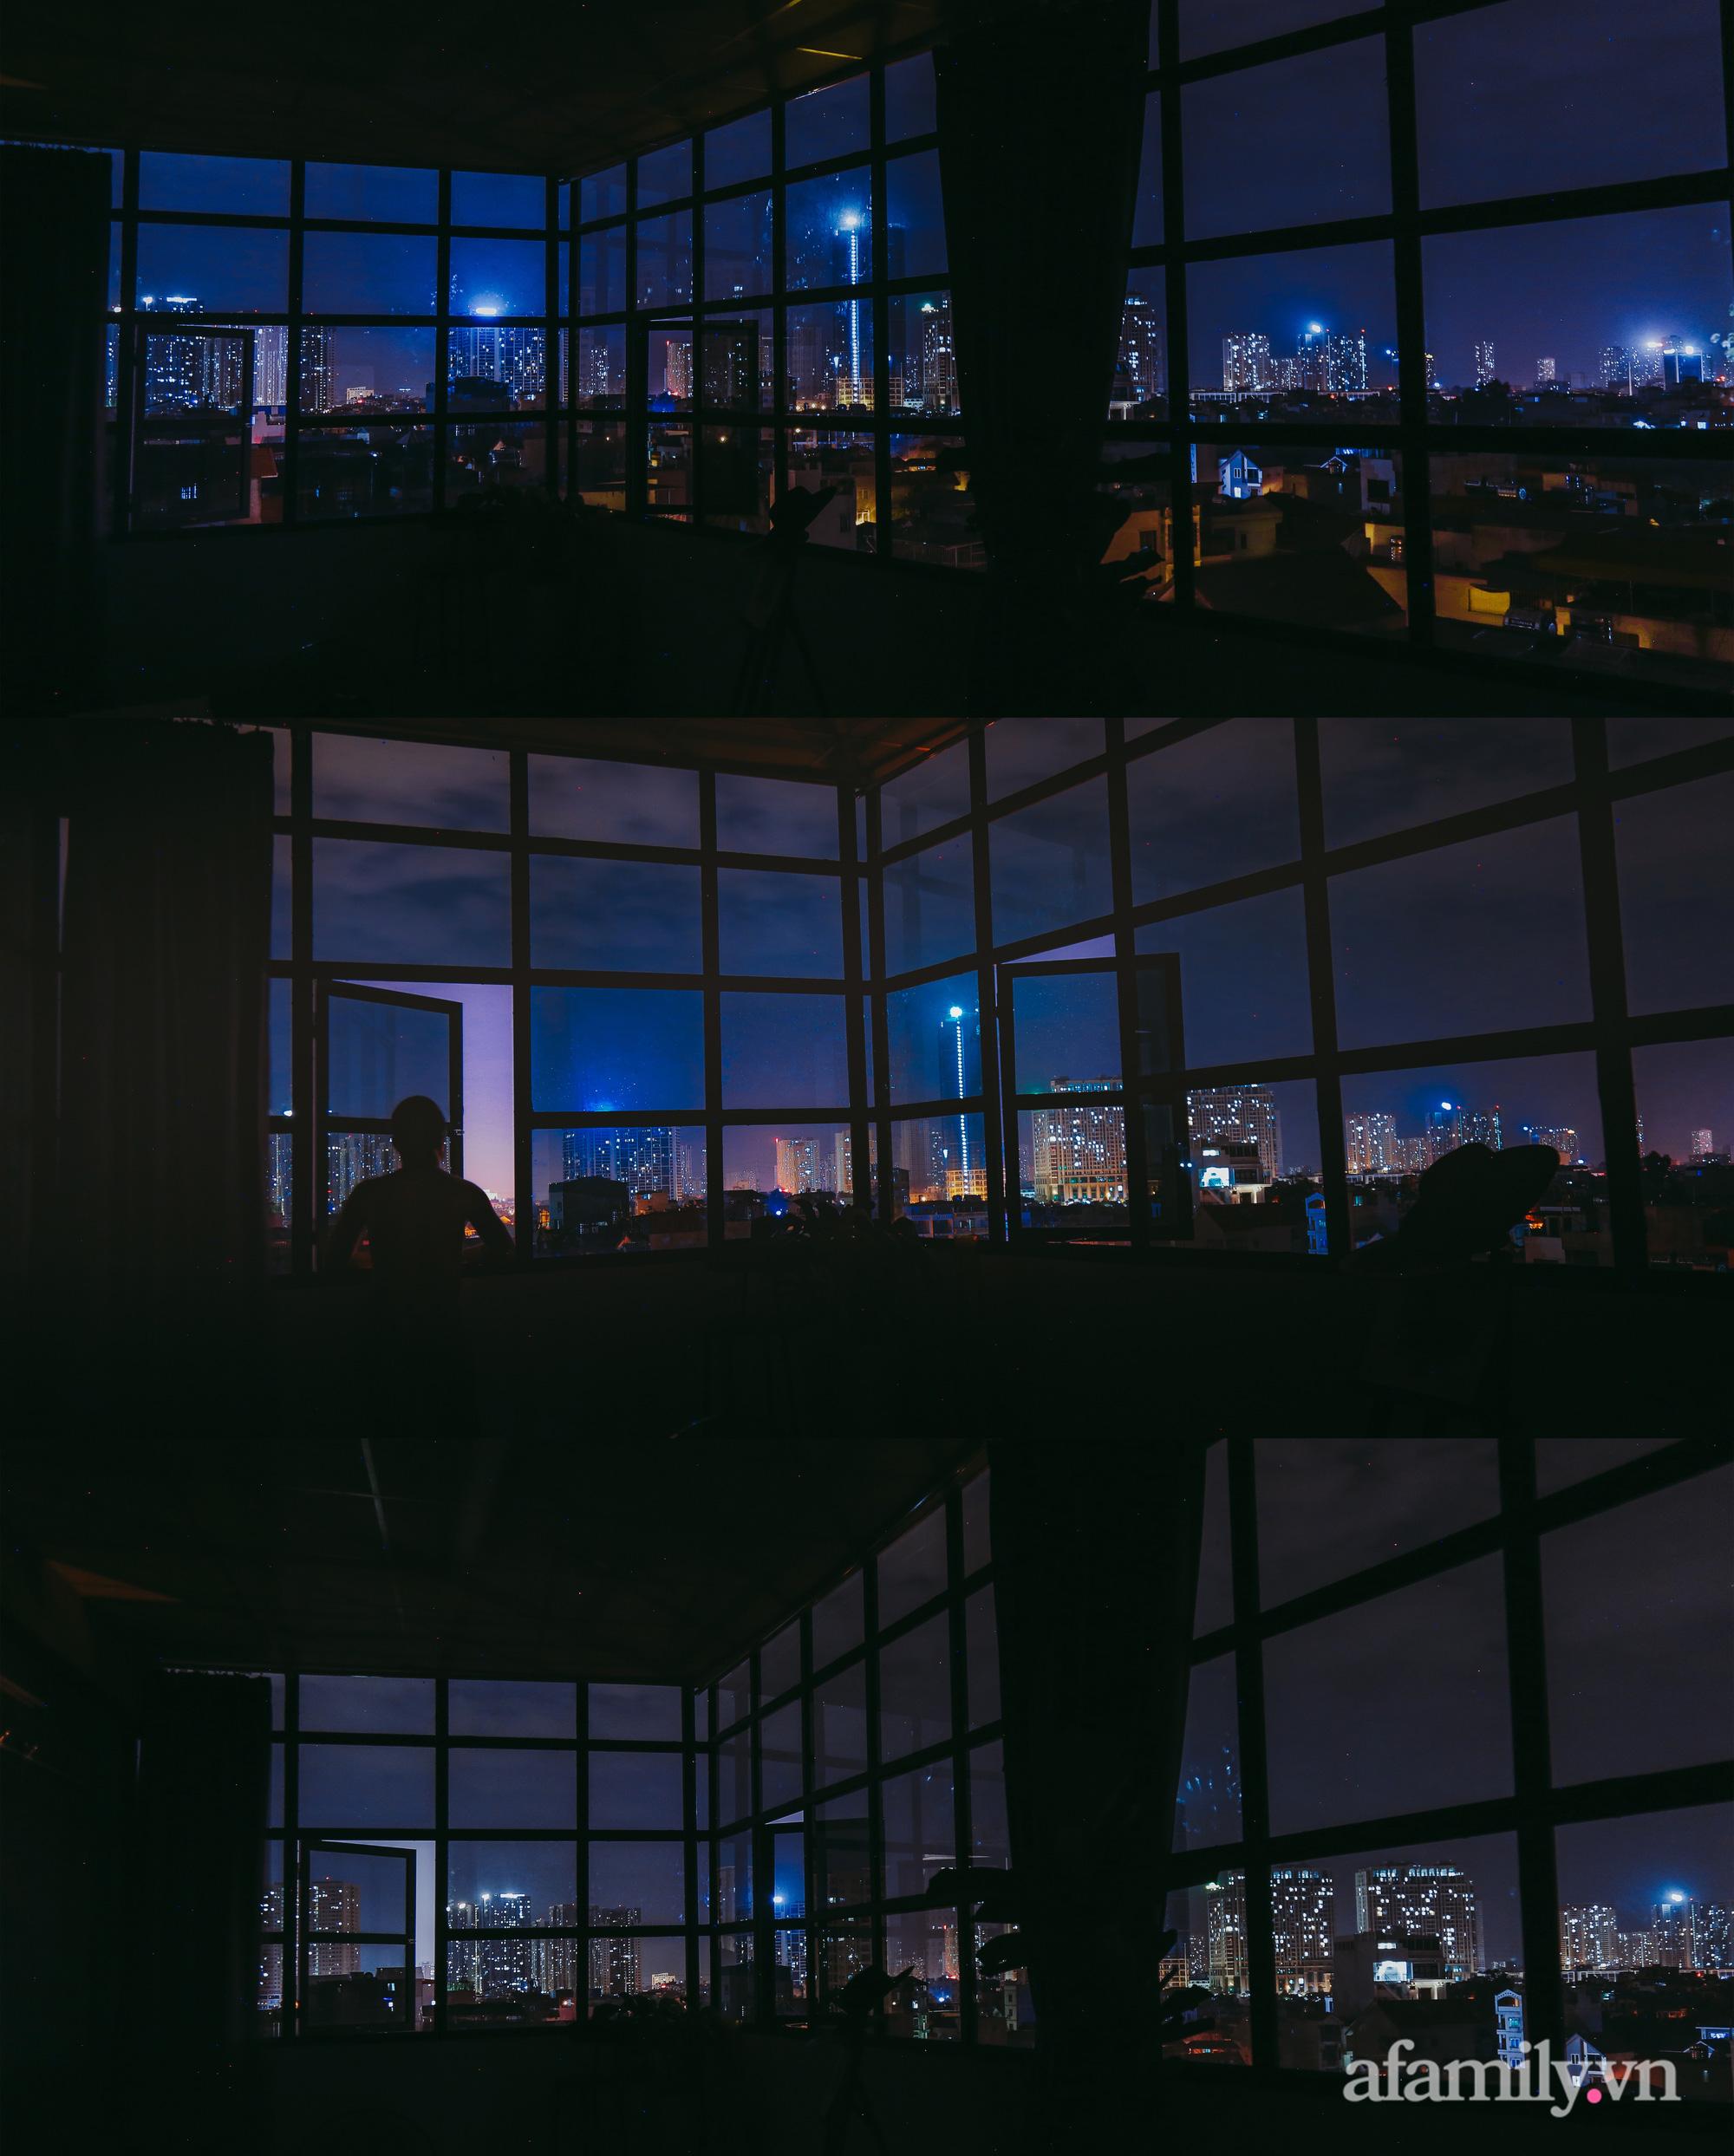 Với 5 triệu đồng để cải tạo, chàng trai Hà Nội có ngay phòng ốc siêu xịn sò như studio tạp chí - Ảnh 9.